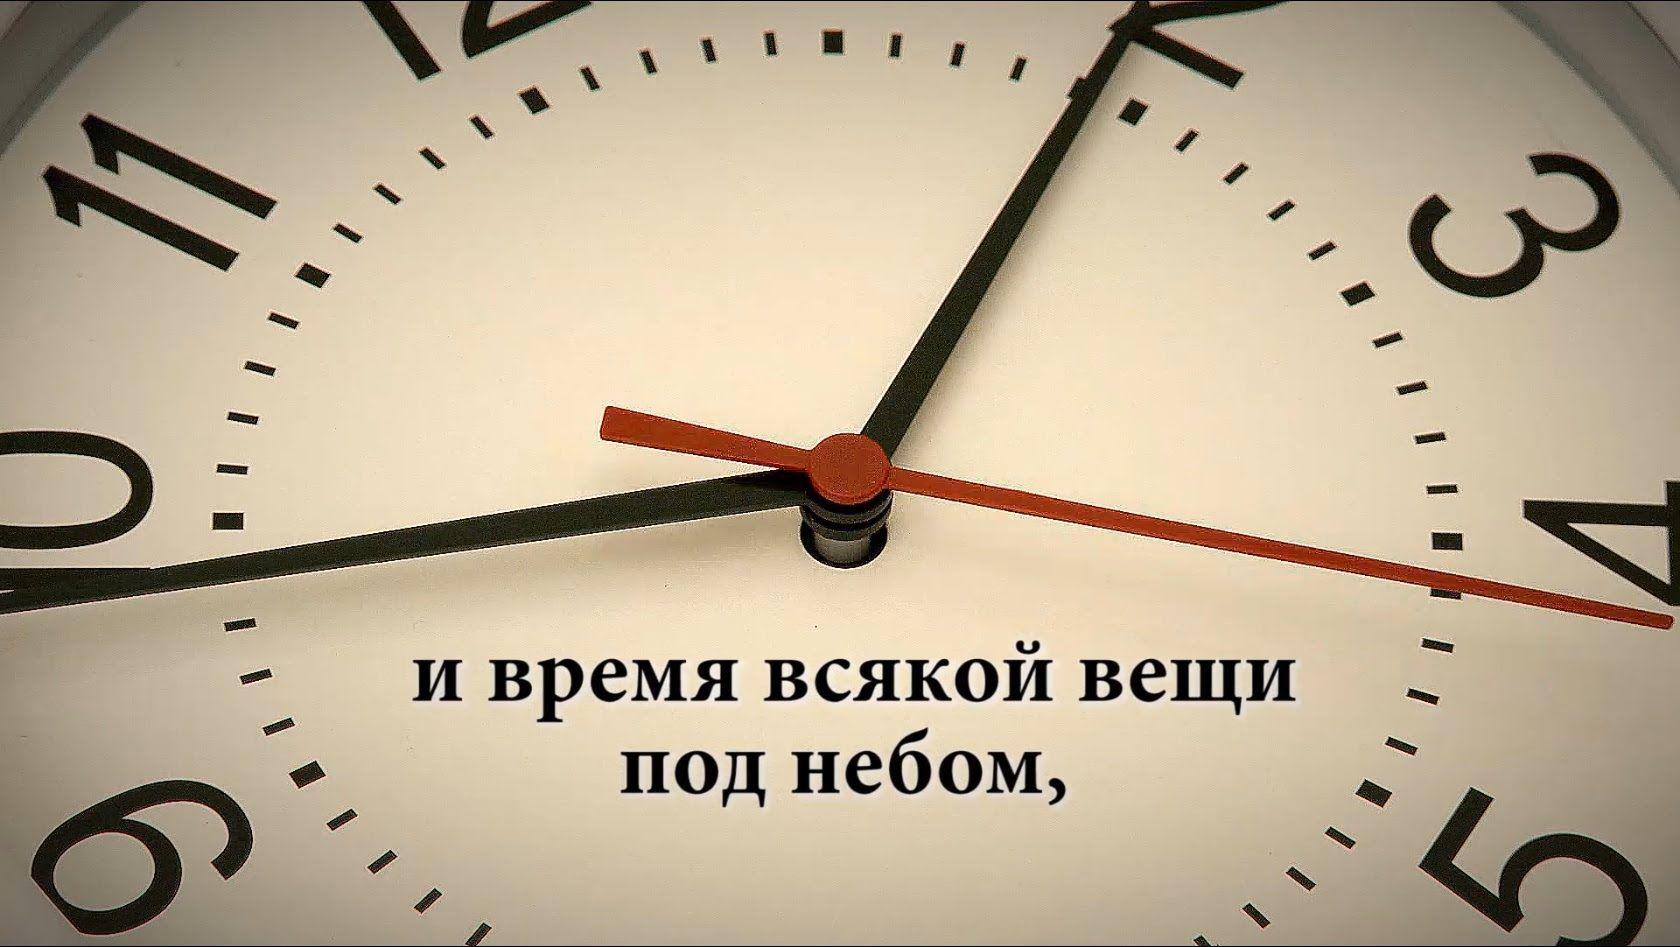 Прикольные картинки с надписями о времени